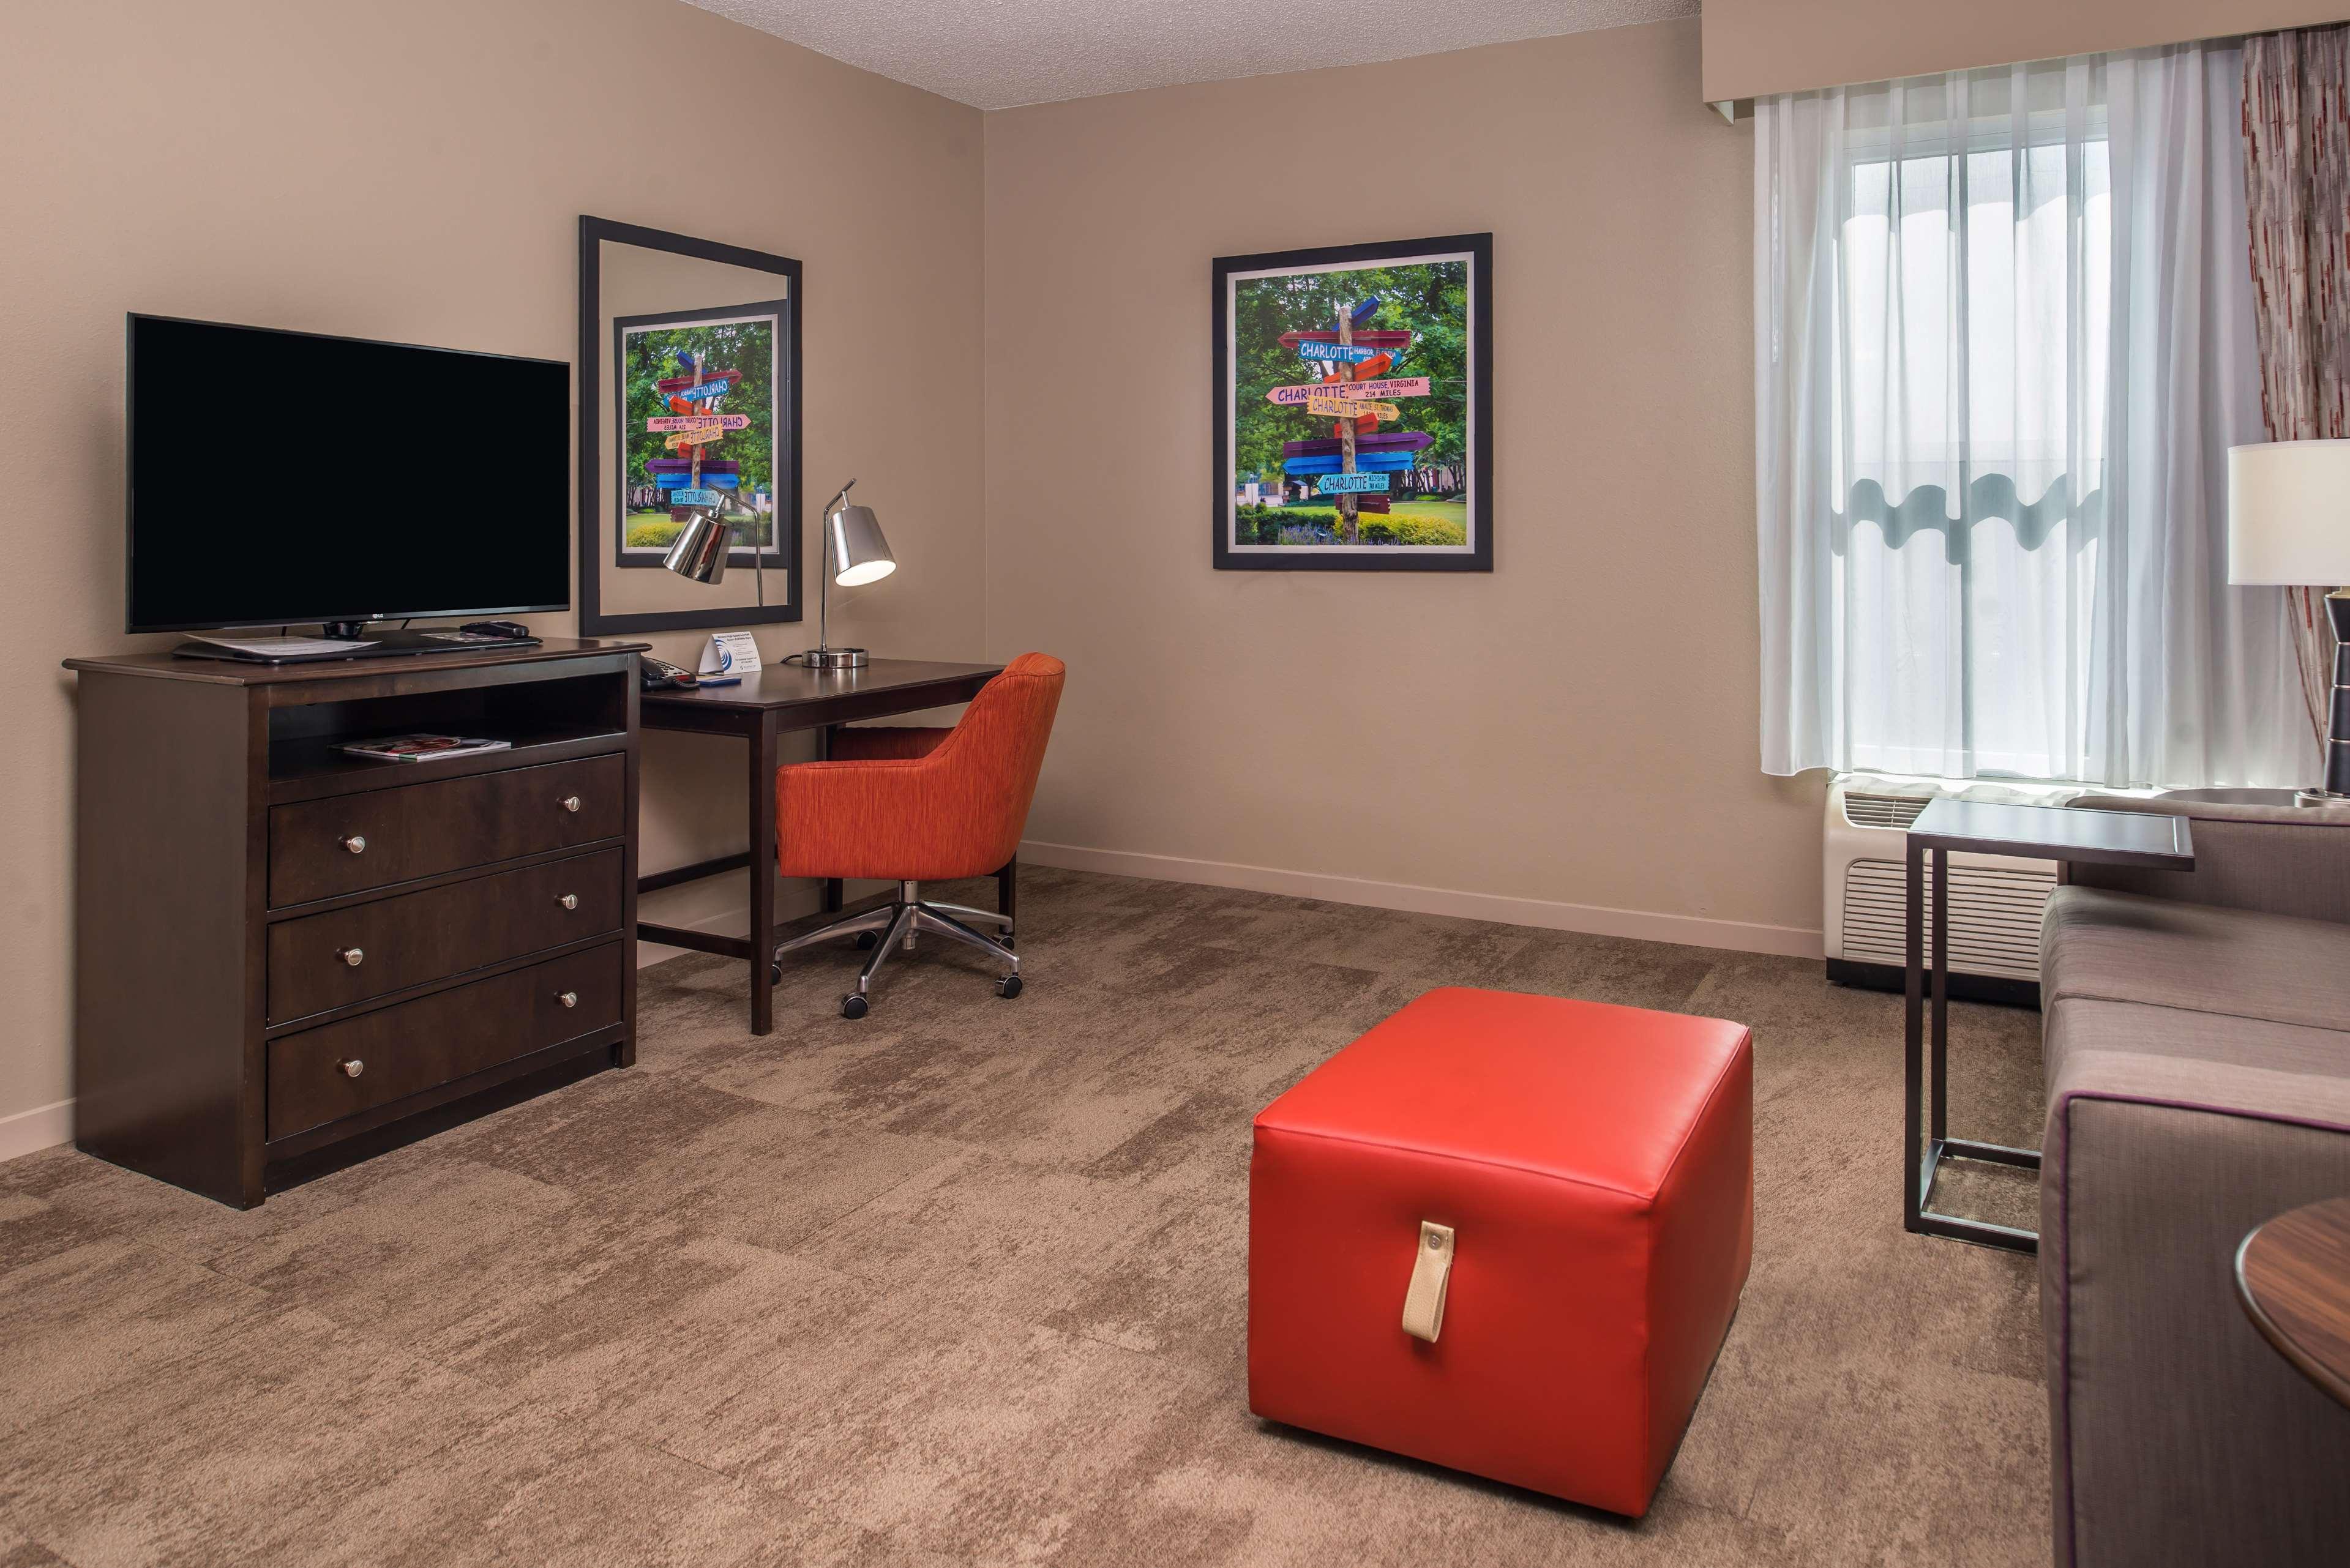 Hampton Inn & Suites Charlotte-Arrowood Rd. image 36